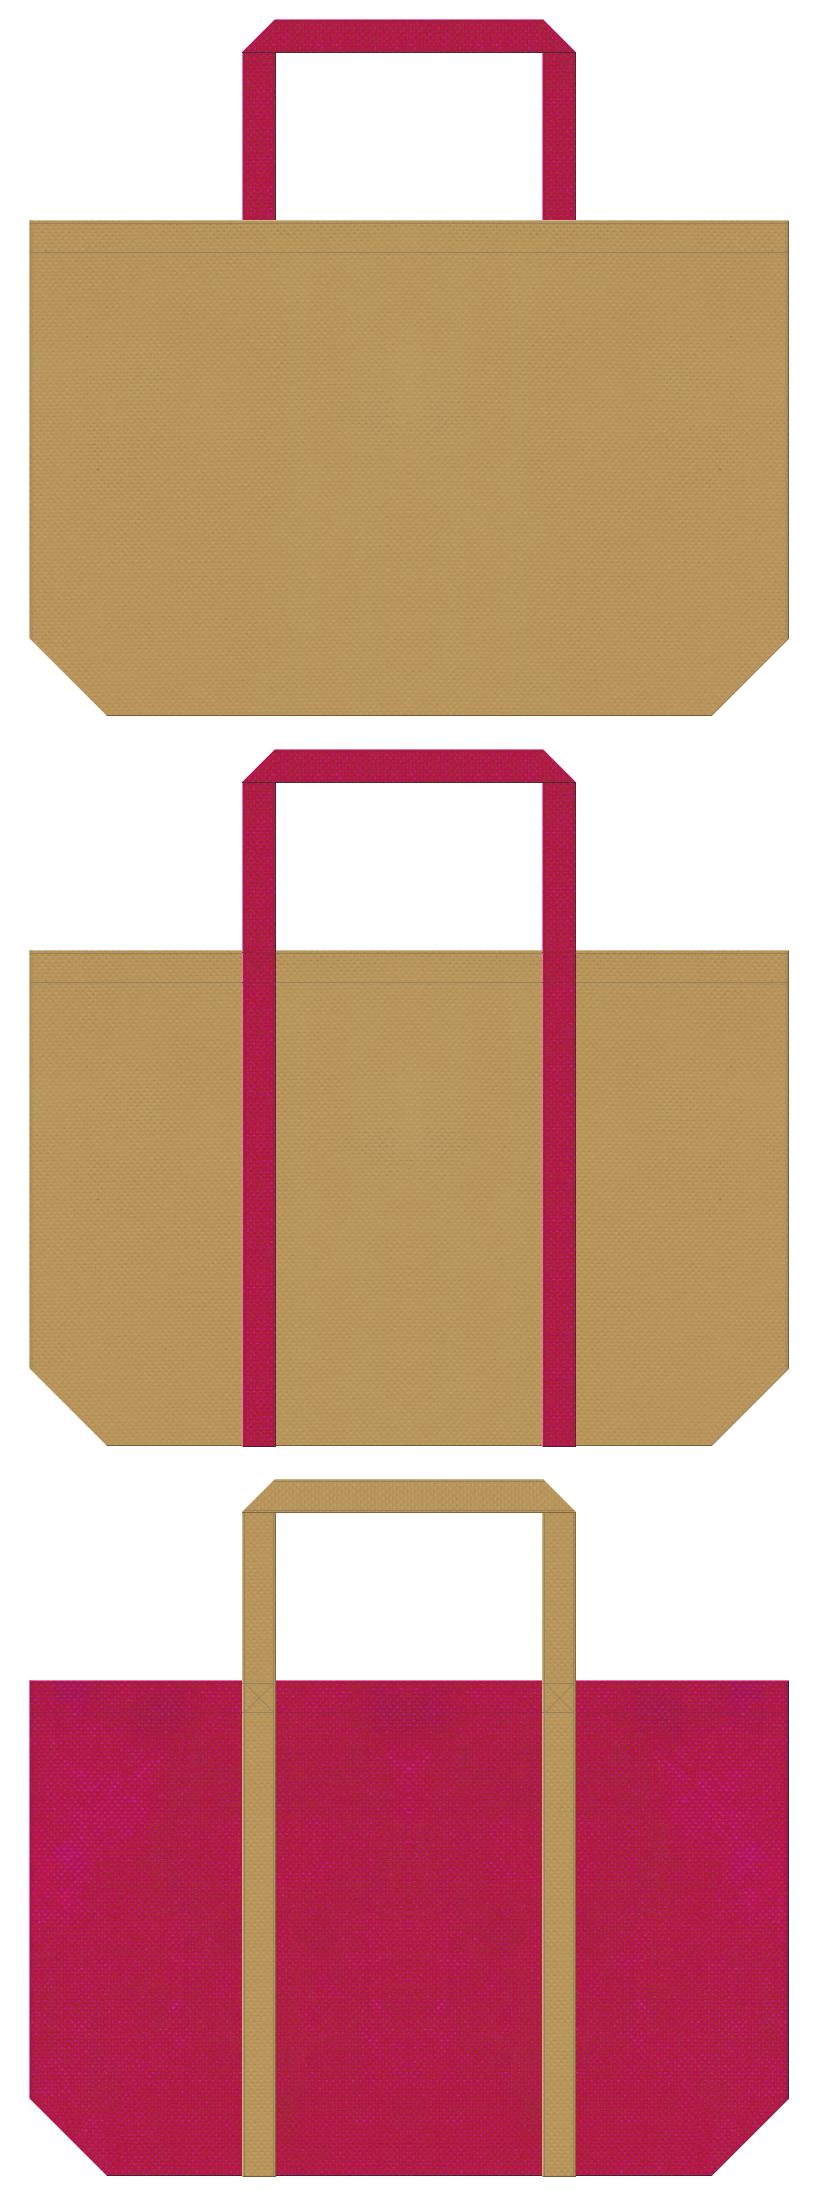 金色系黄土色と濃いピンク色の不織布ショッピングバッグデザイン。